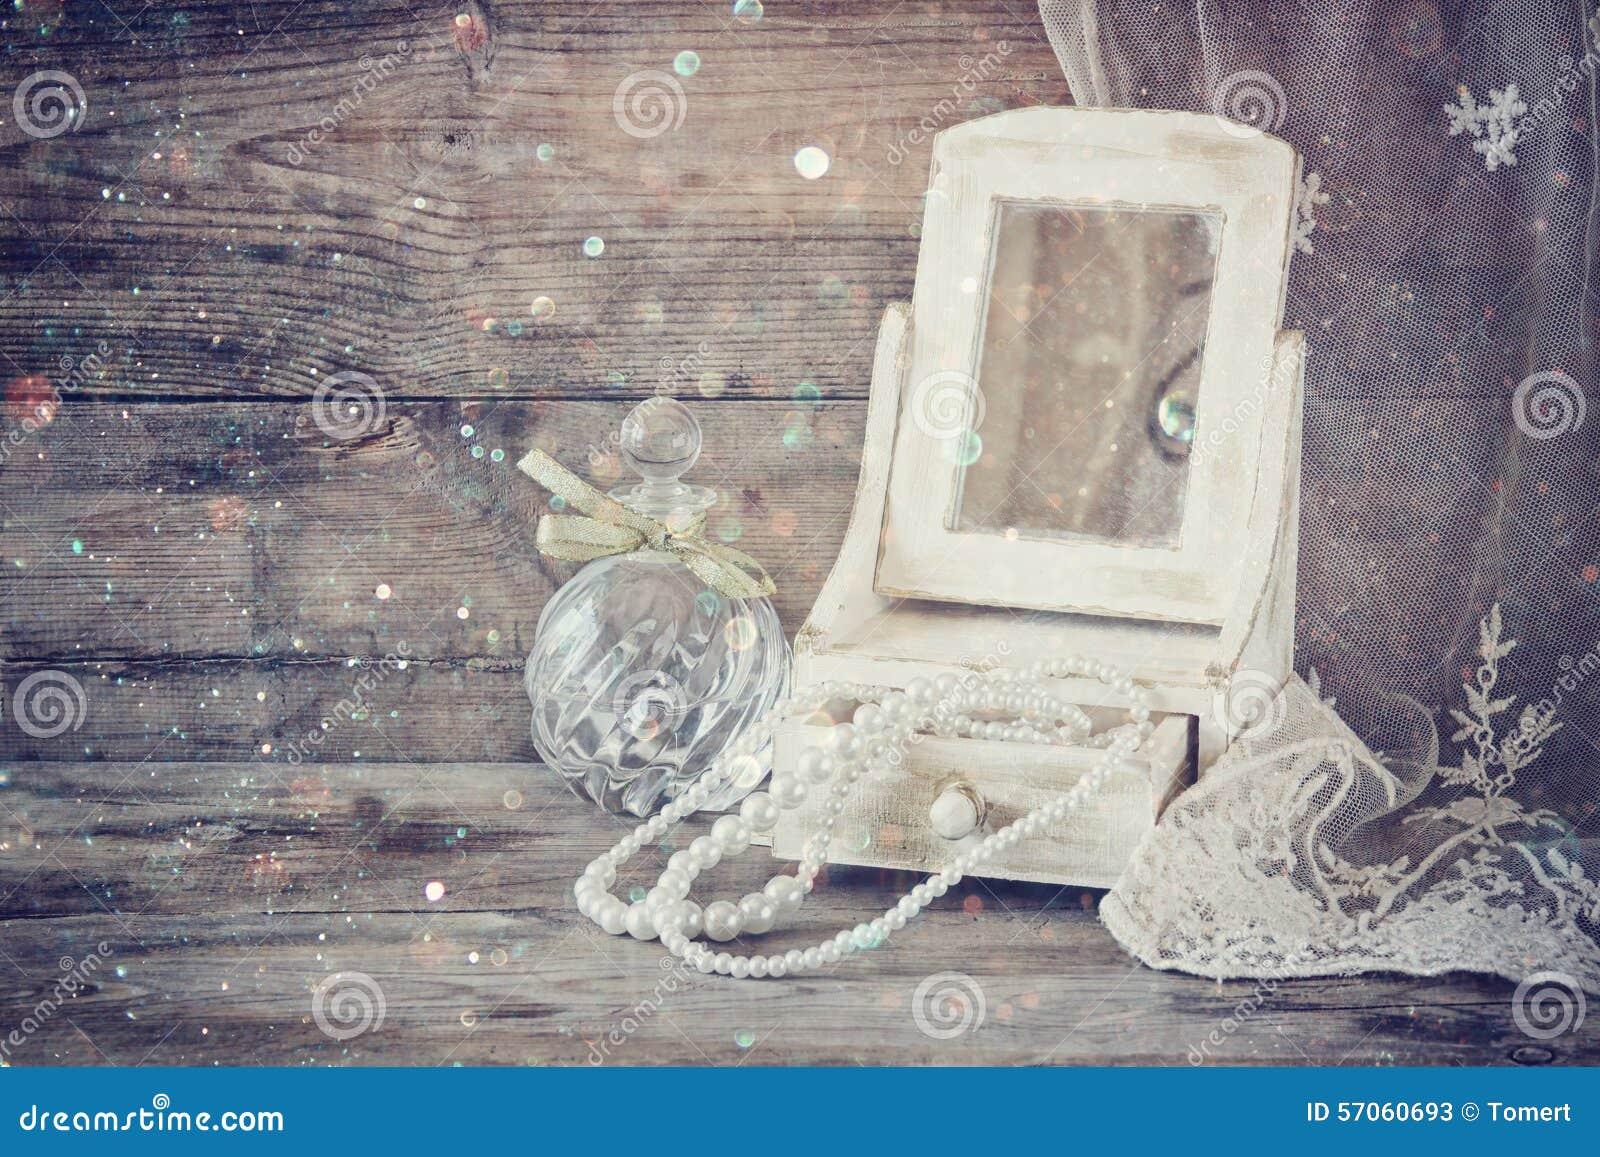 Uitstekende parels, antiek houten juwelenvakje met spiegel en parfumfles op houten lijst Gefiltreerd beeld